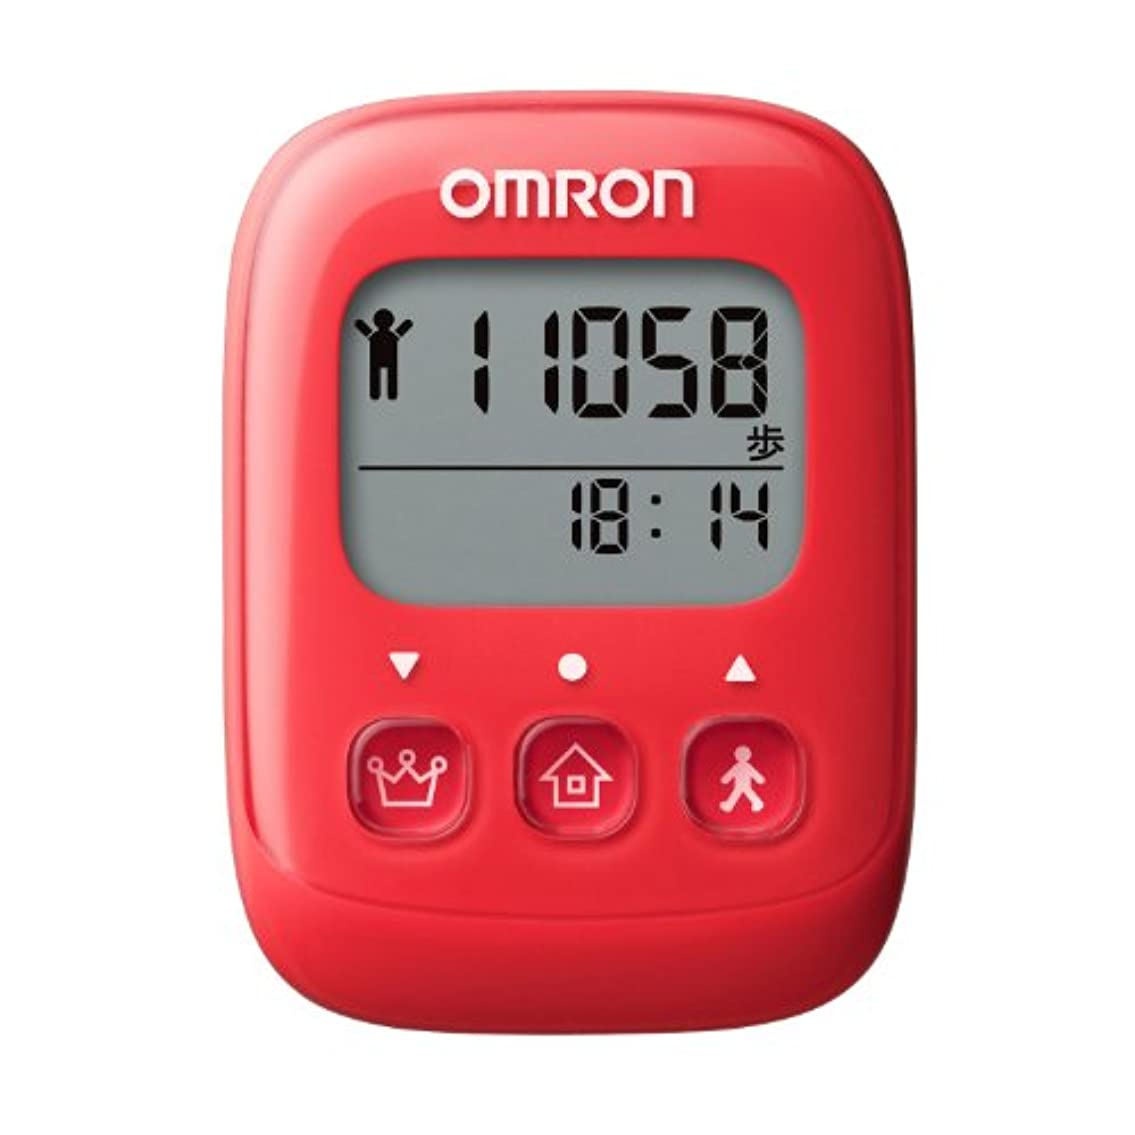 広々適応毎月オムロン(OMRON) 歩数計 WellnessLink レッド HJ-326F-R